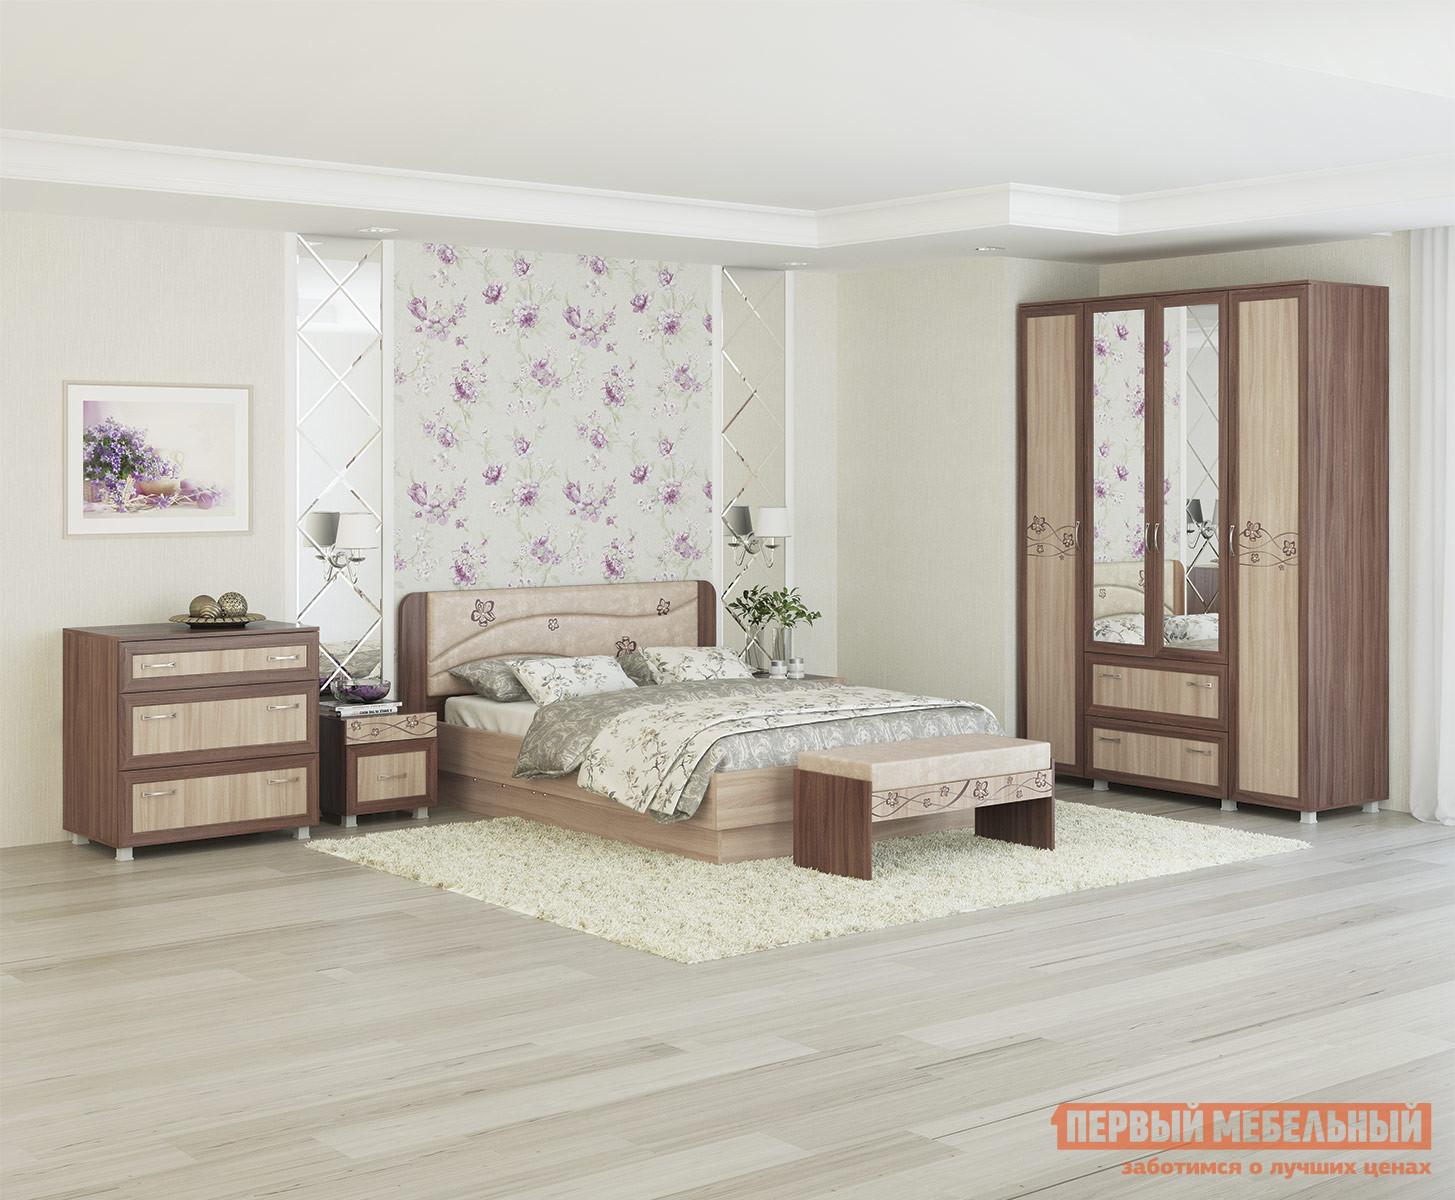 Комплект мебели для спальни МСТ Сальвия К1 комплект детской мебели трия навигатор к1